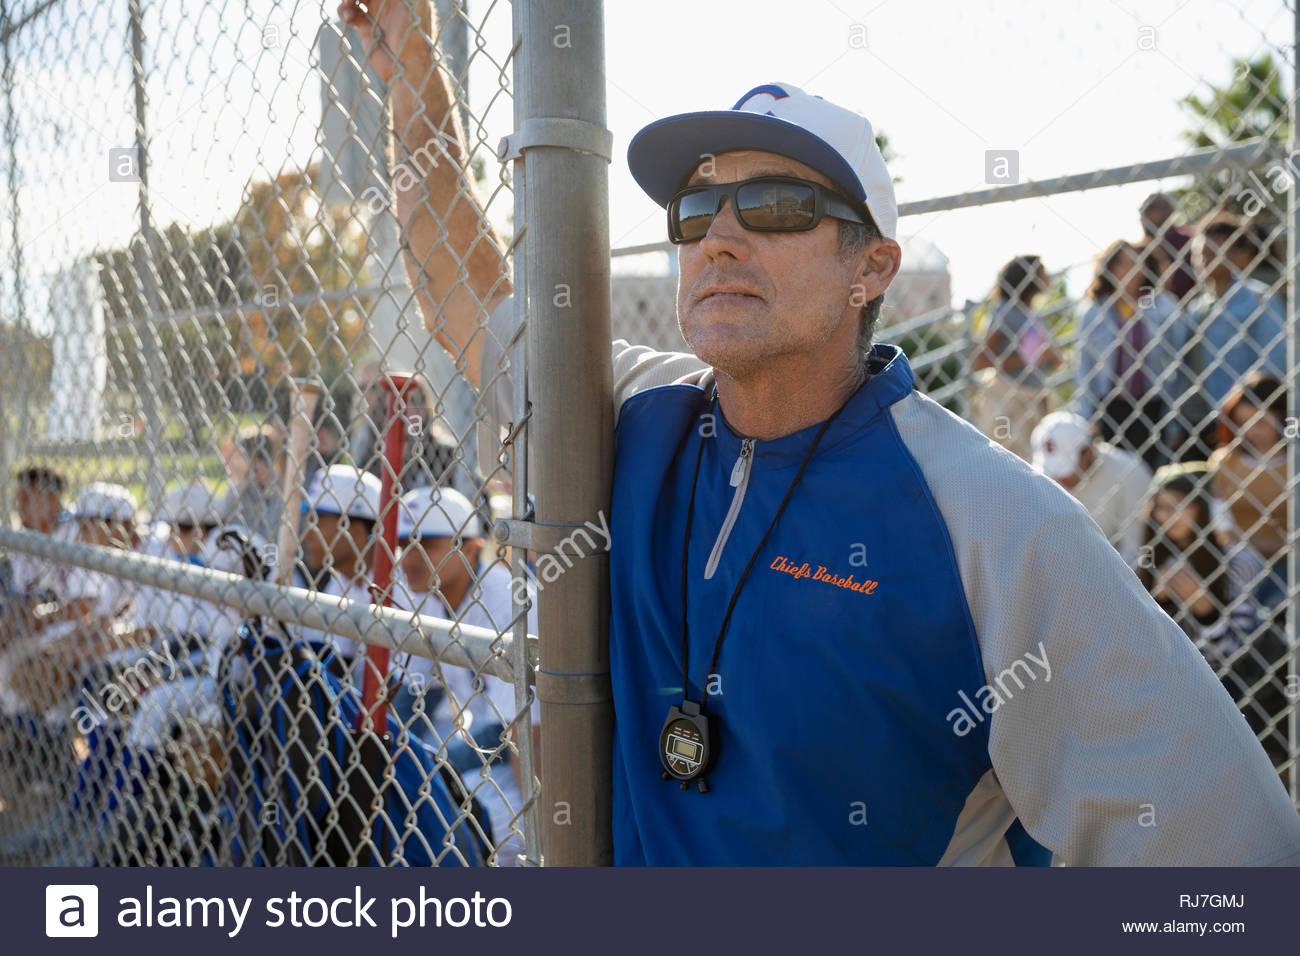 Focalizzato allenatore di baseball appoggiata sulla recinzione Immagini Stock